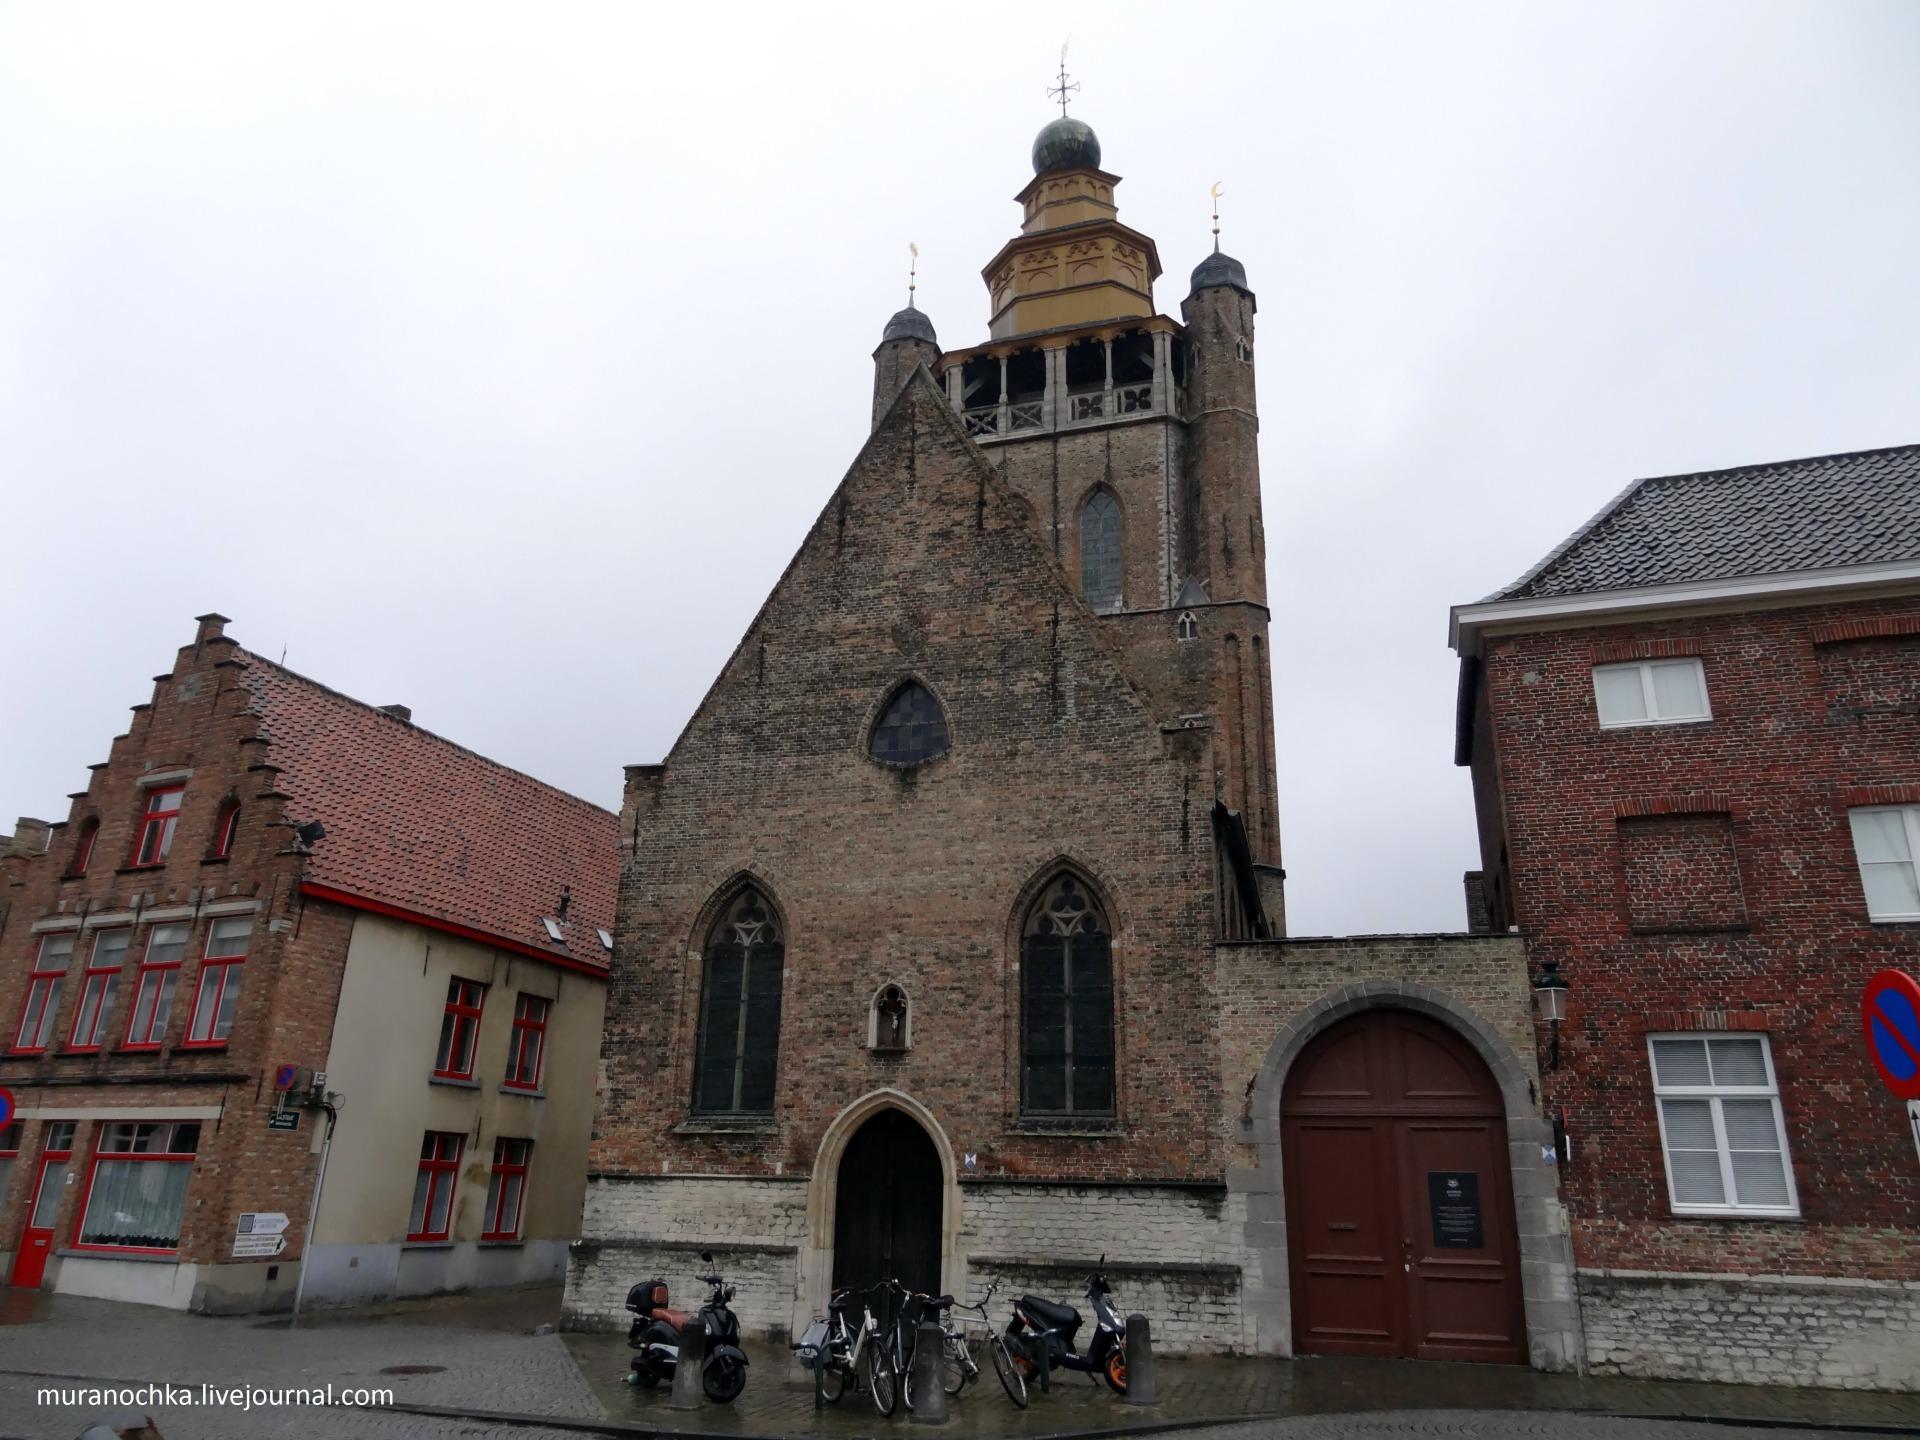 Jerusalem church in Brugge